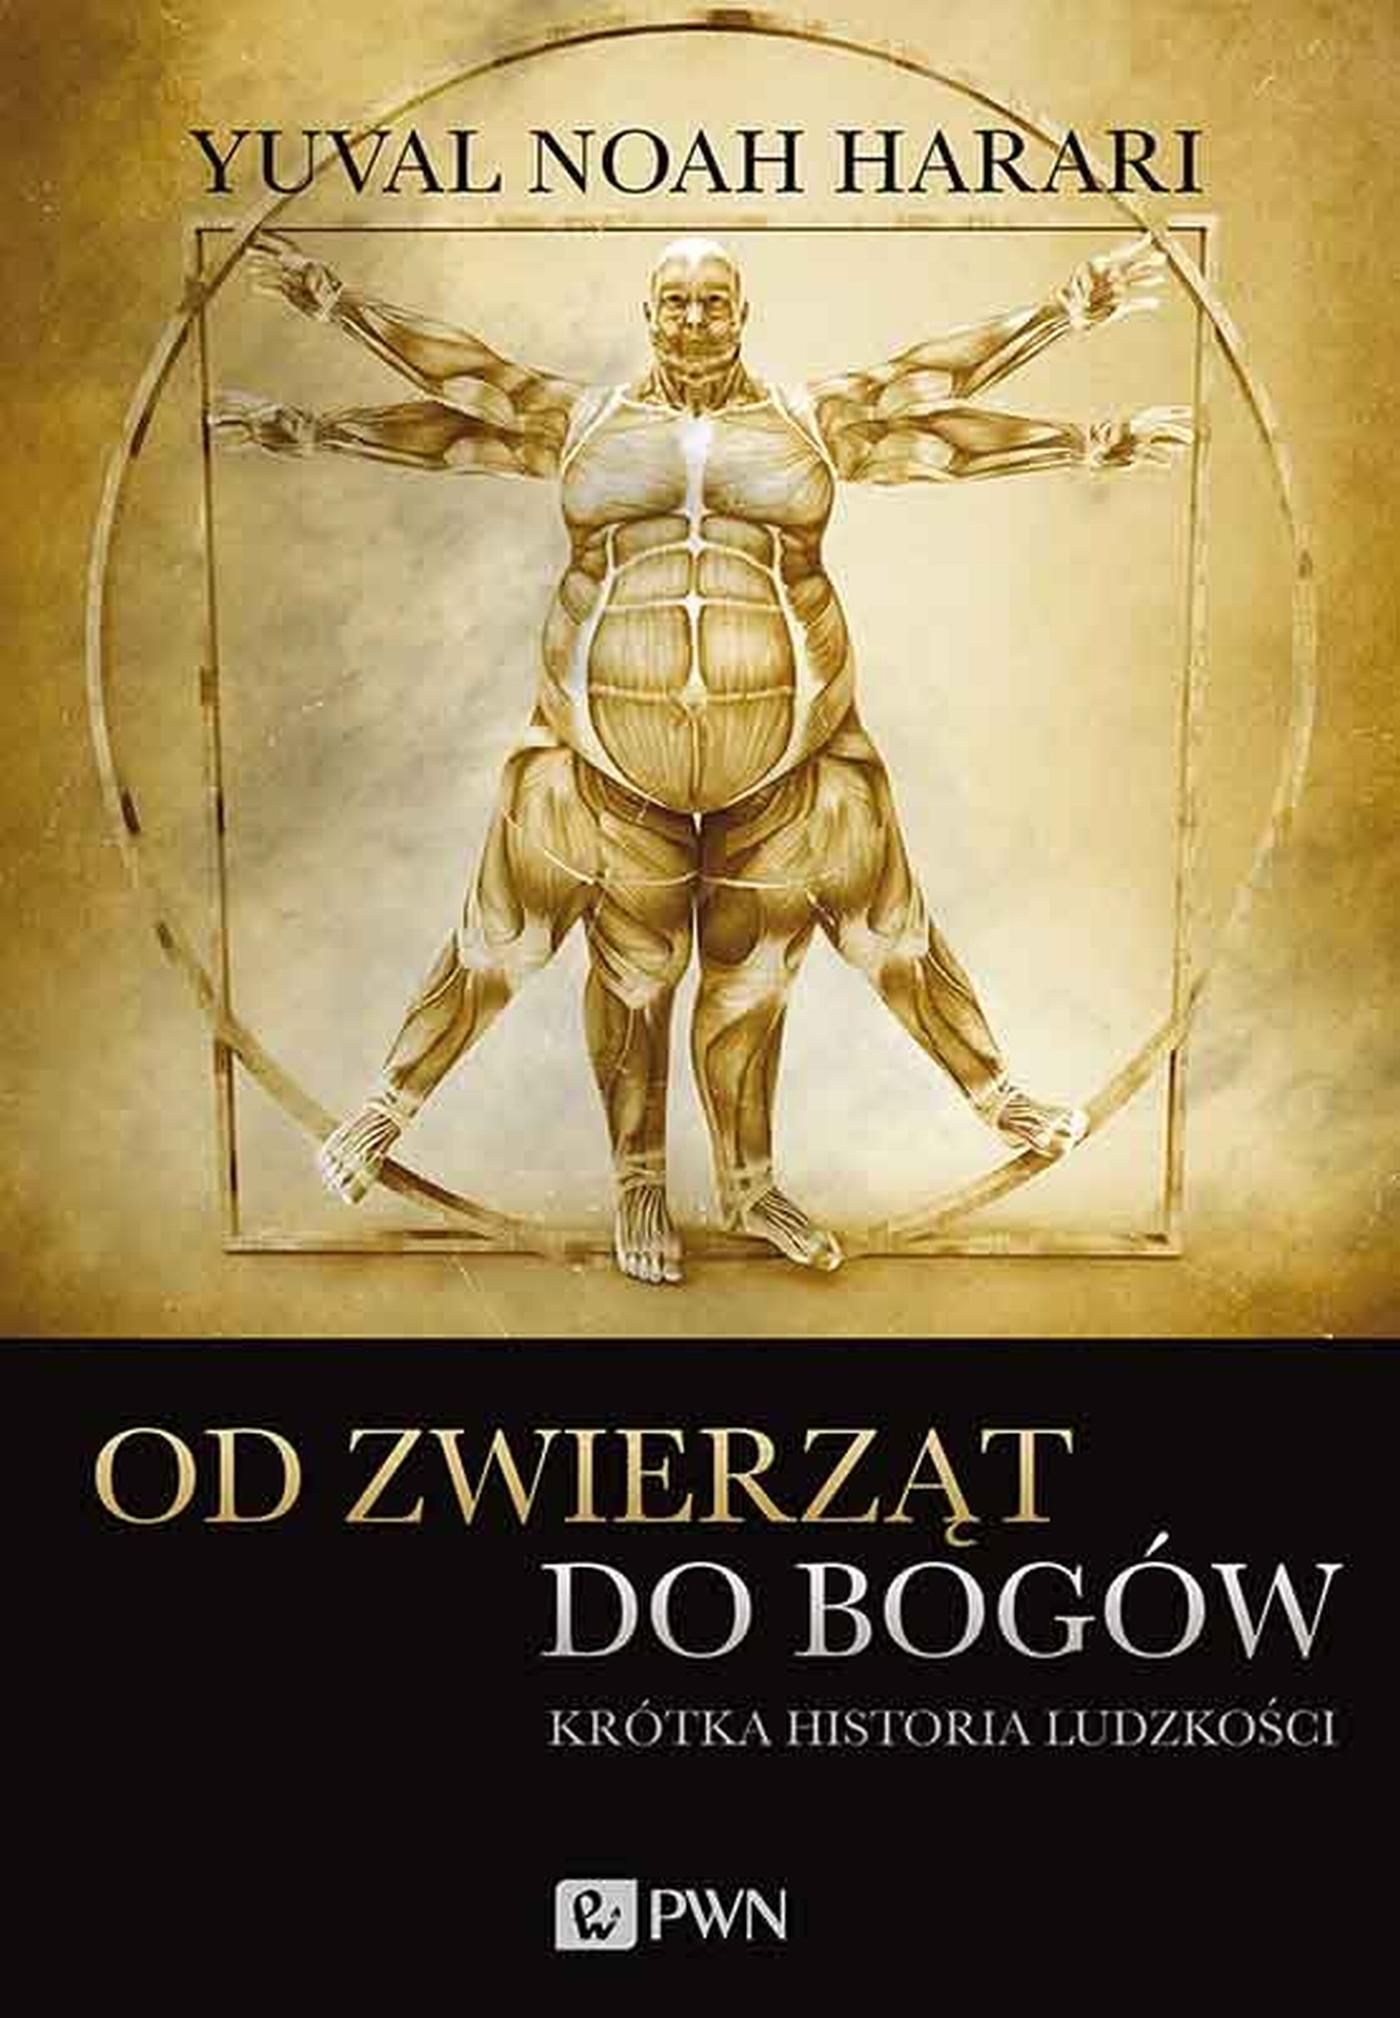 Od zwierząt do bogów (ebook)